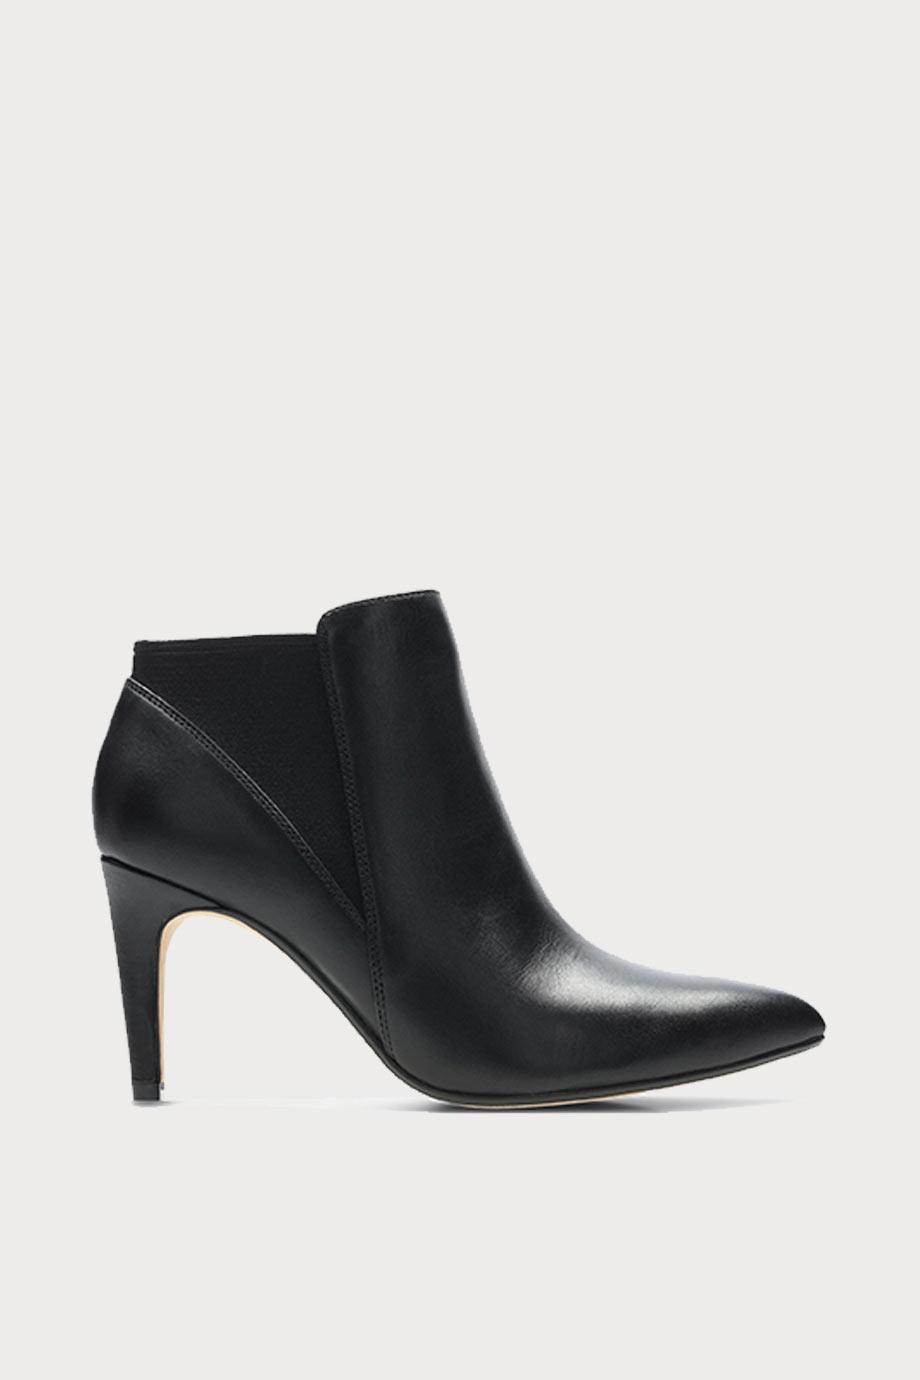 spiridoula metheniti shoes xalkida p laina violet black leather clarks